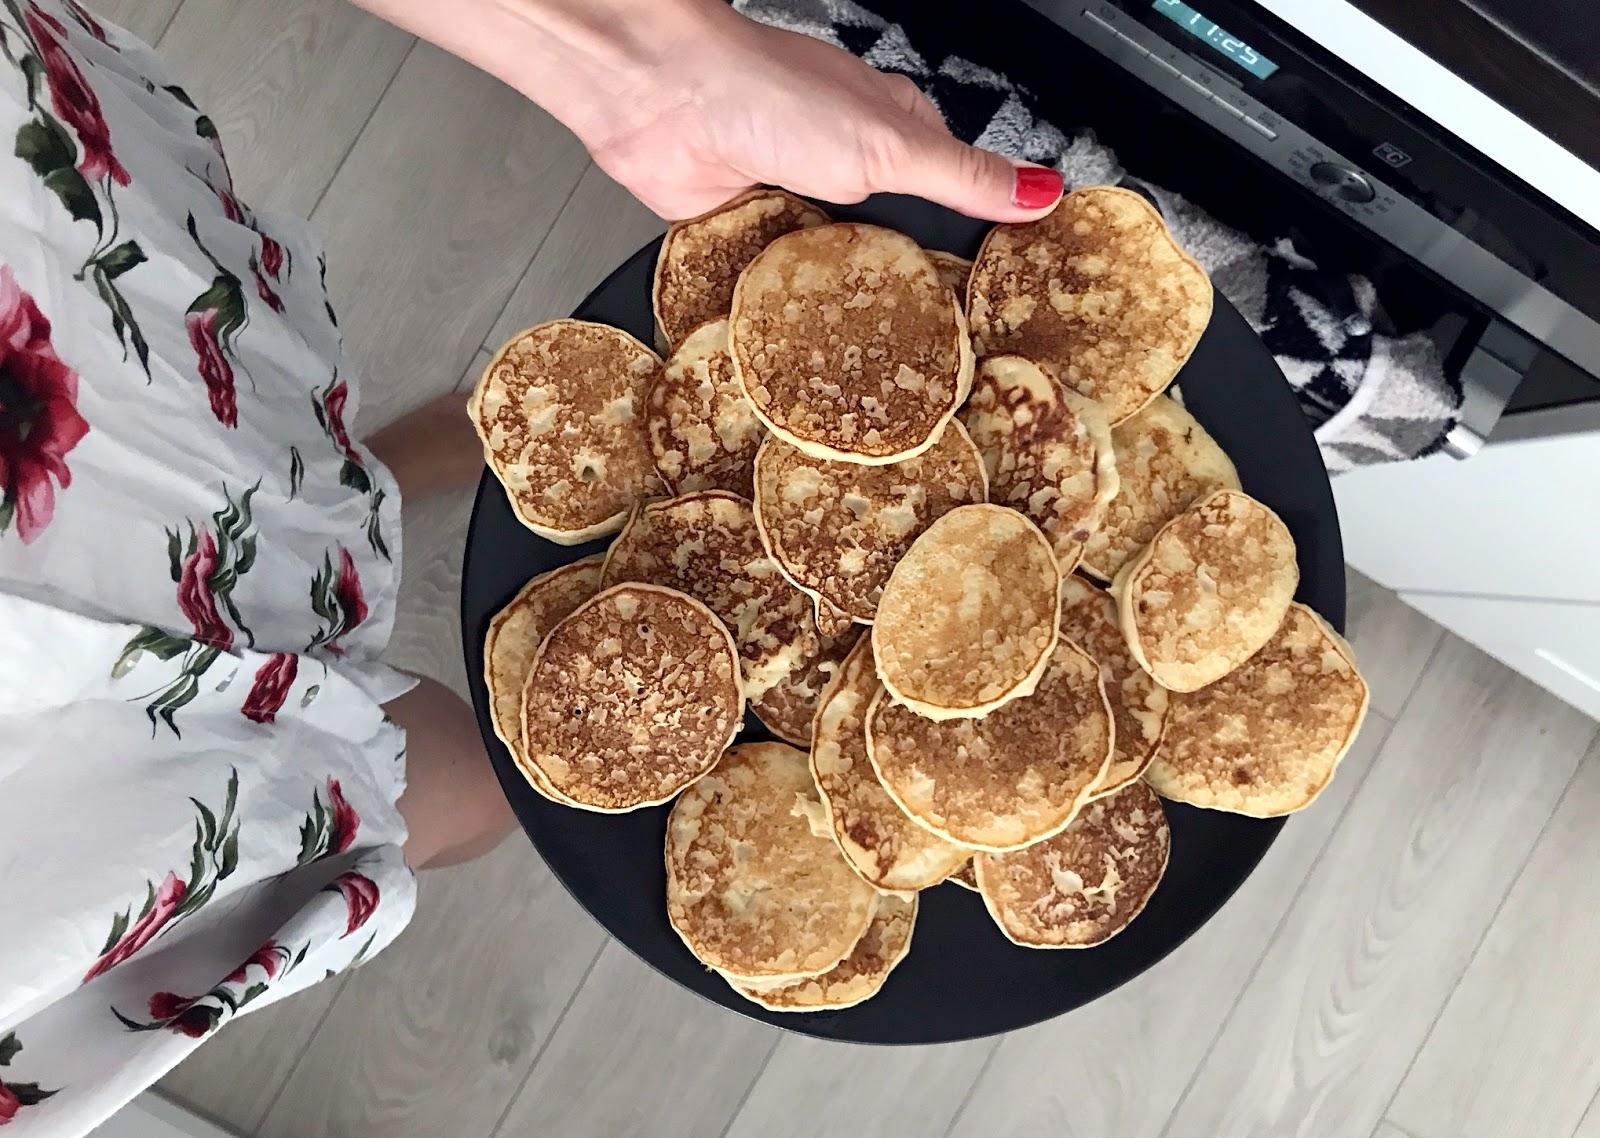 Mamo, #jemytosamo! 10 pomysłów na wspólne śniadanie z niemowlakiem